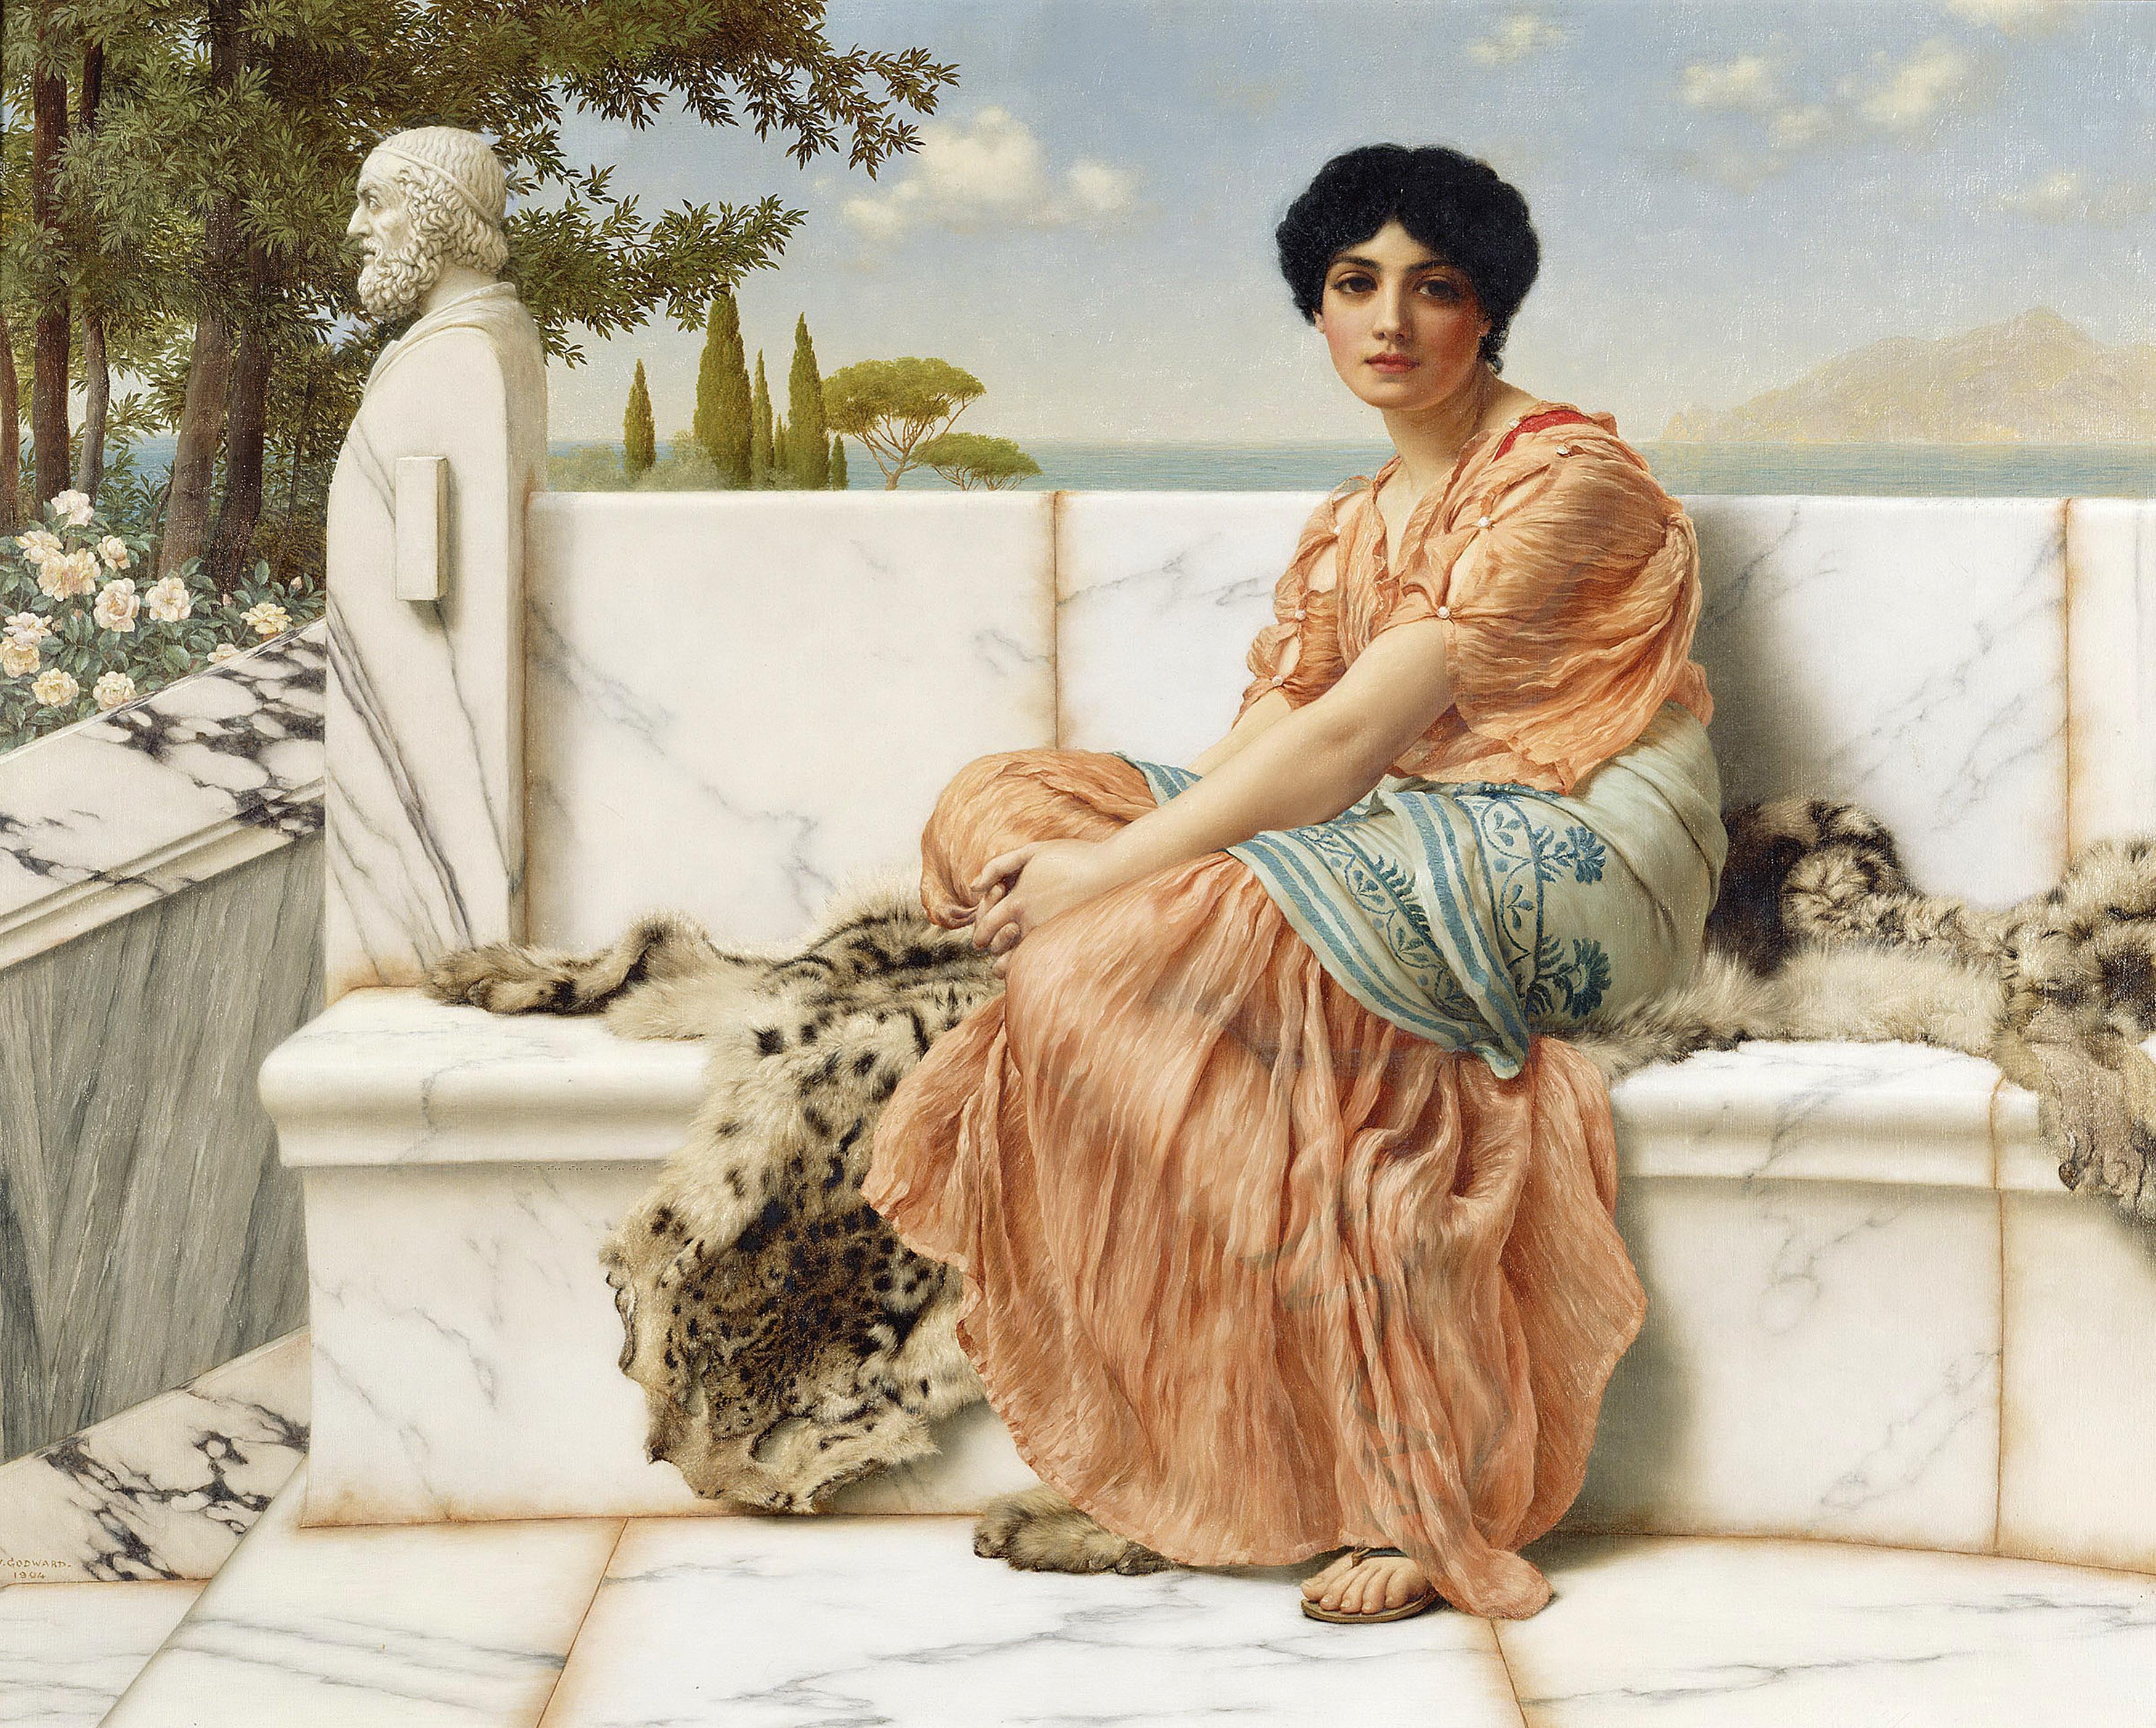 1904_Мечтательница (во времена Сафо) (Лос-Анжелес, музей Пола Гетти)